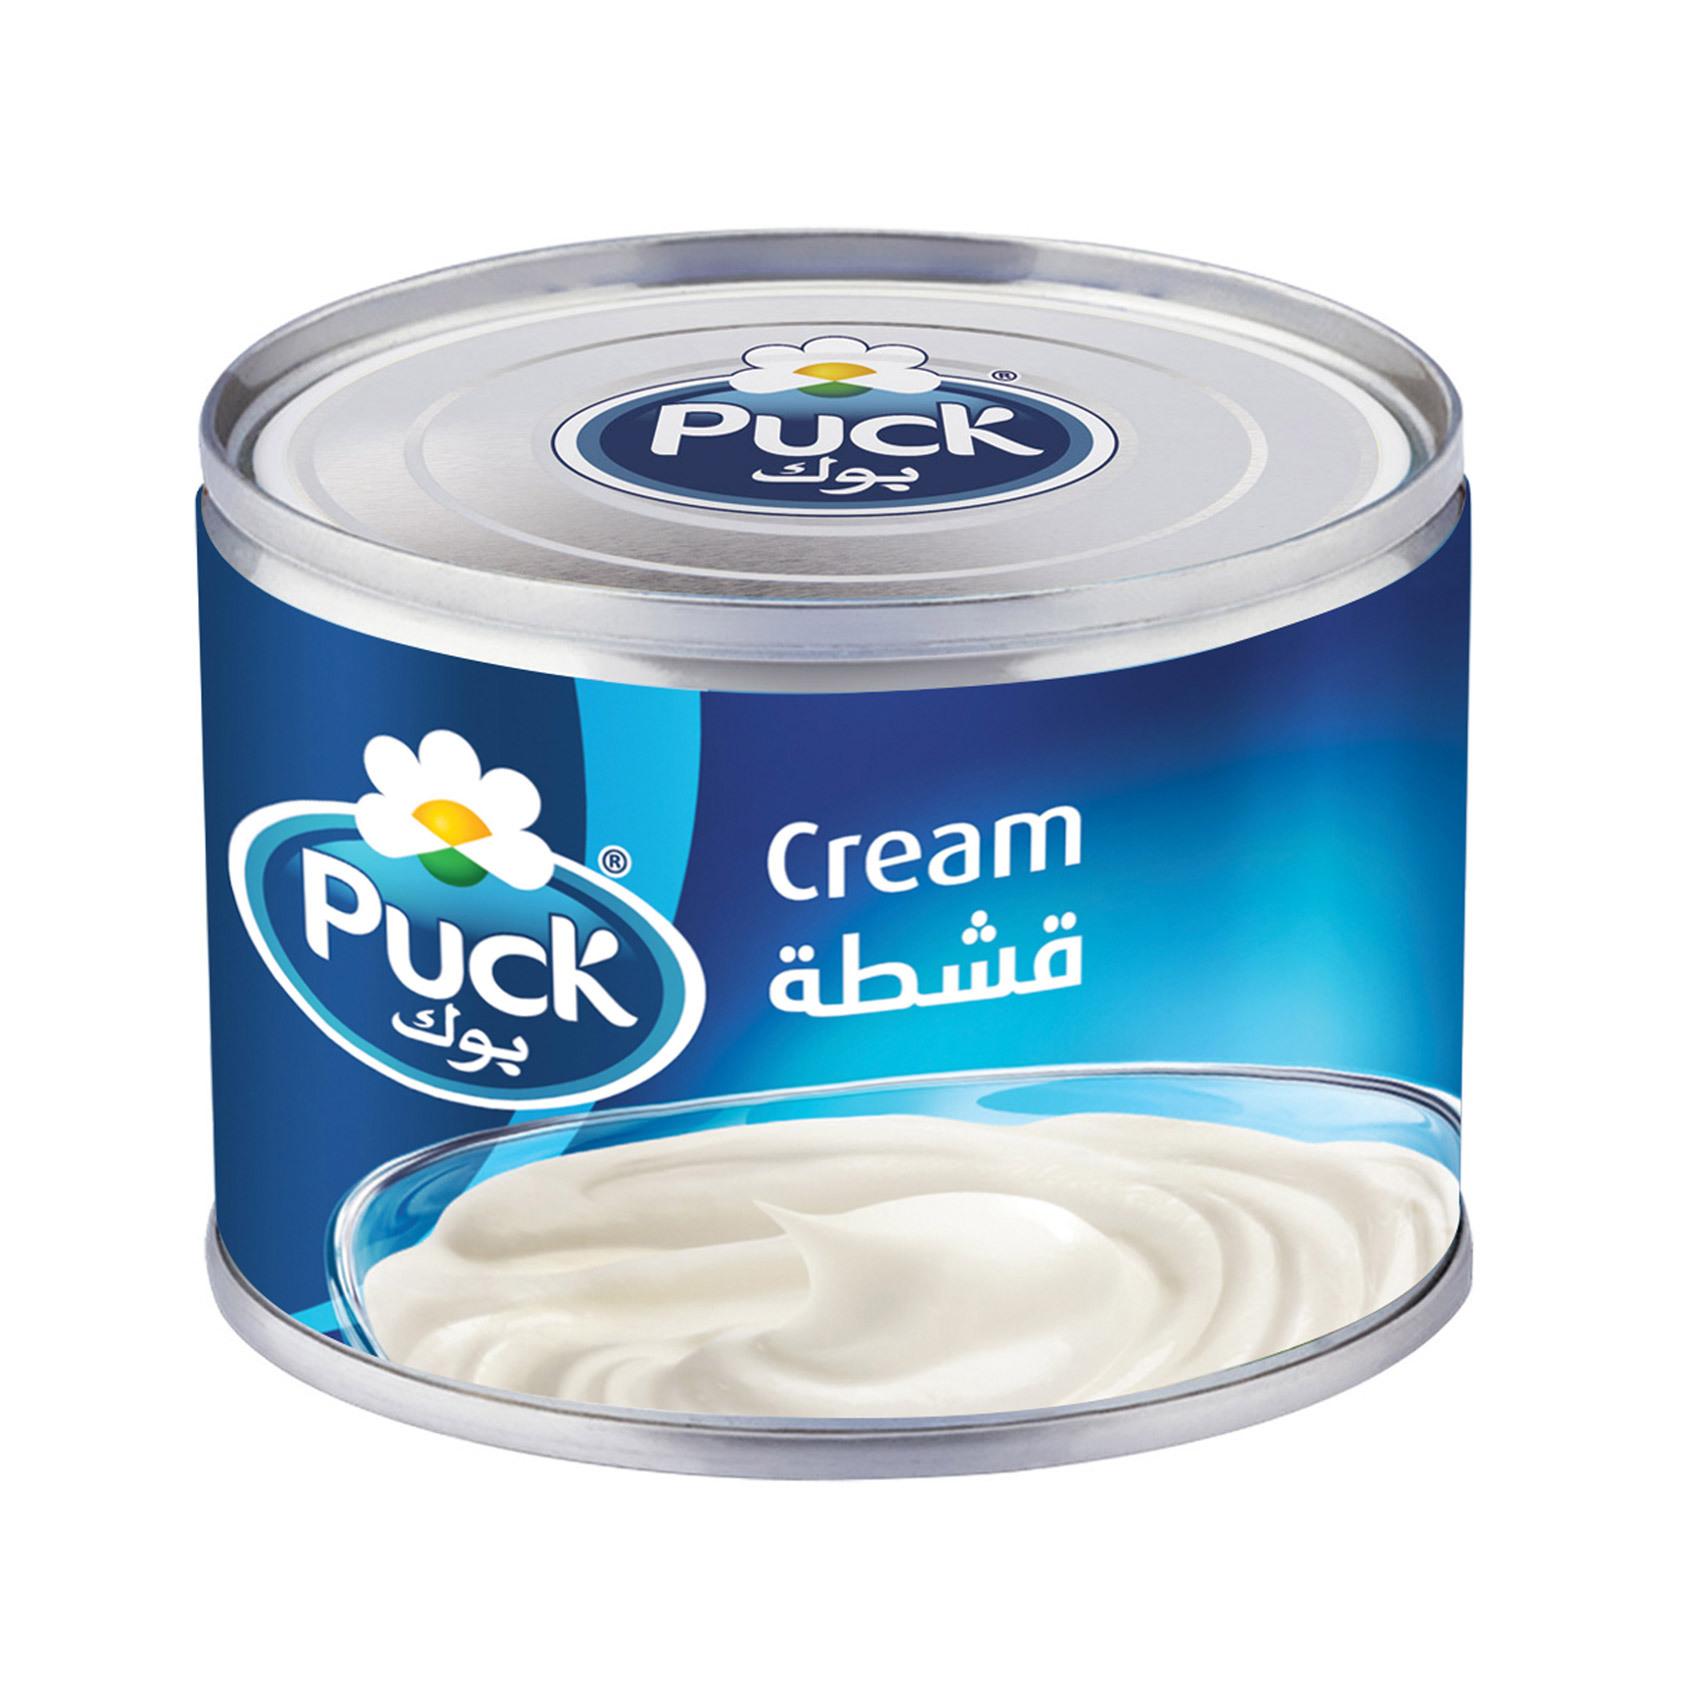 Puck Cream Plain 170g x6